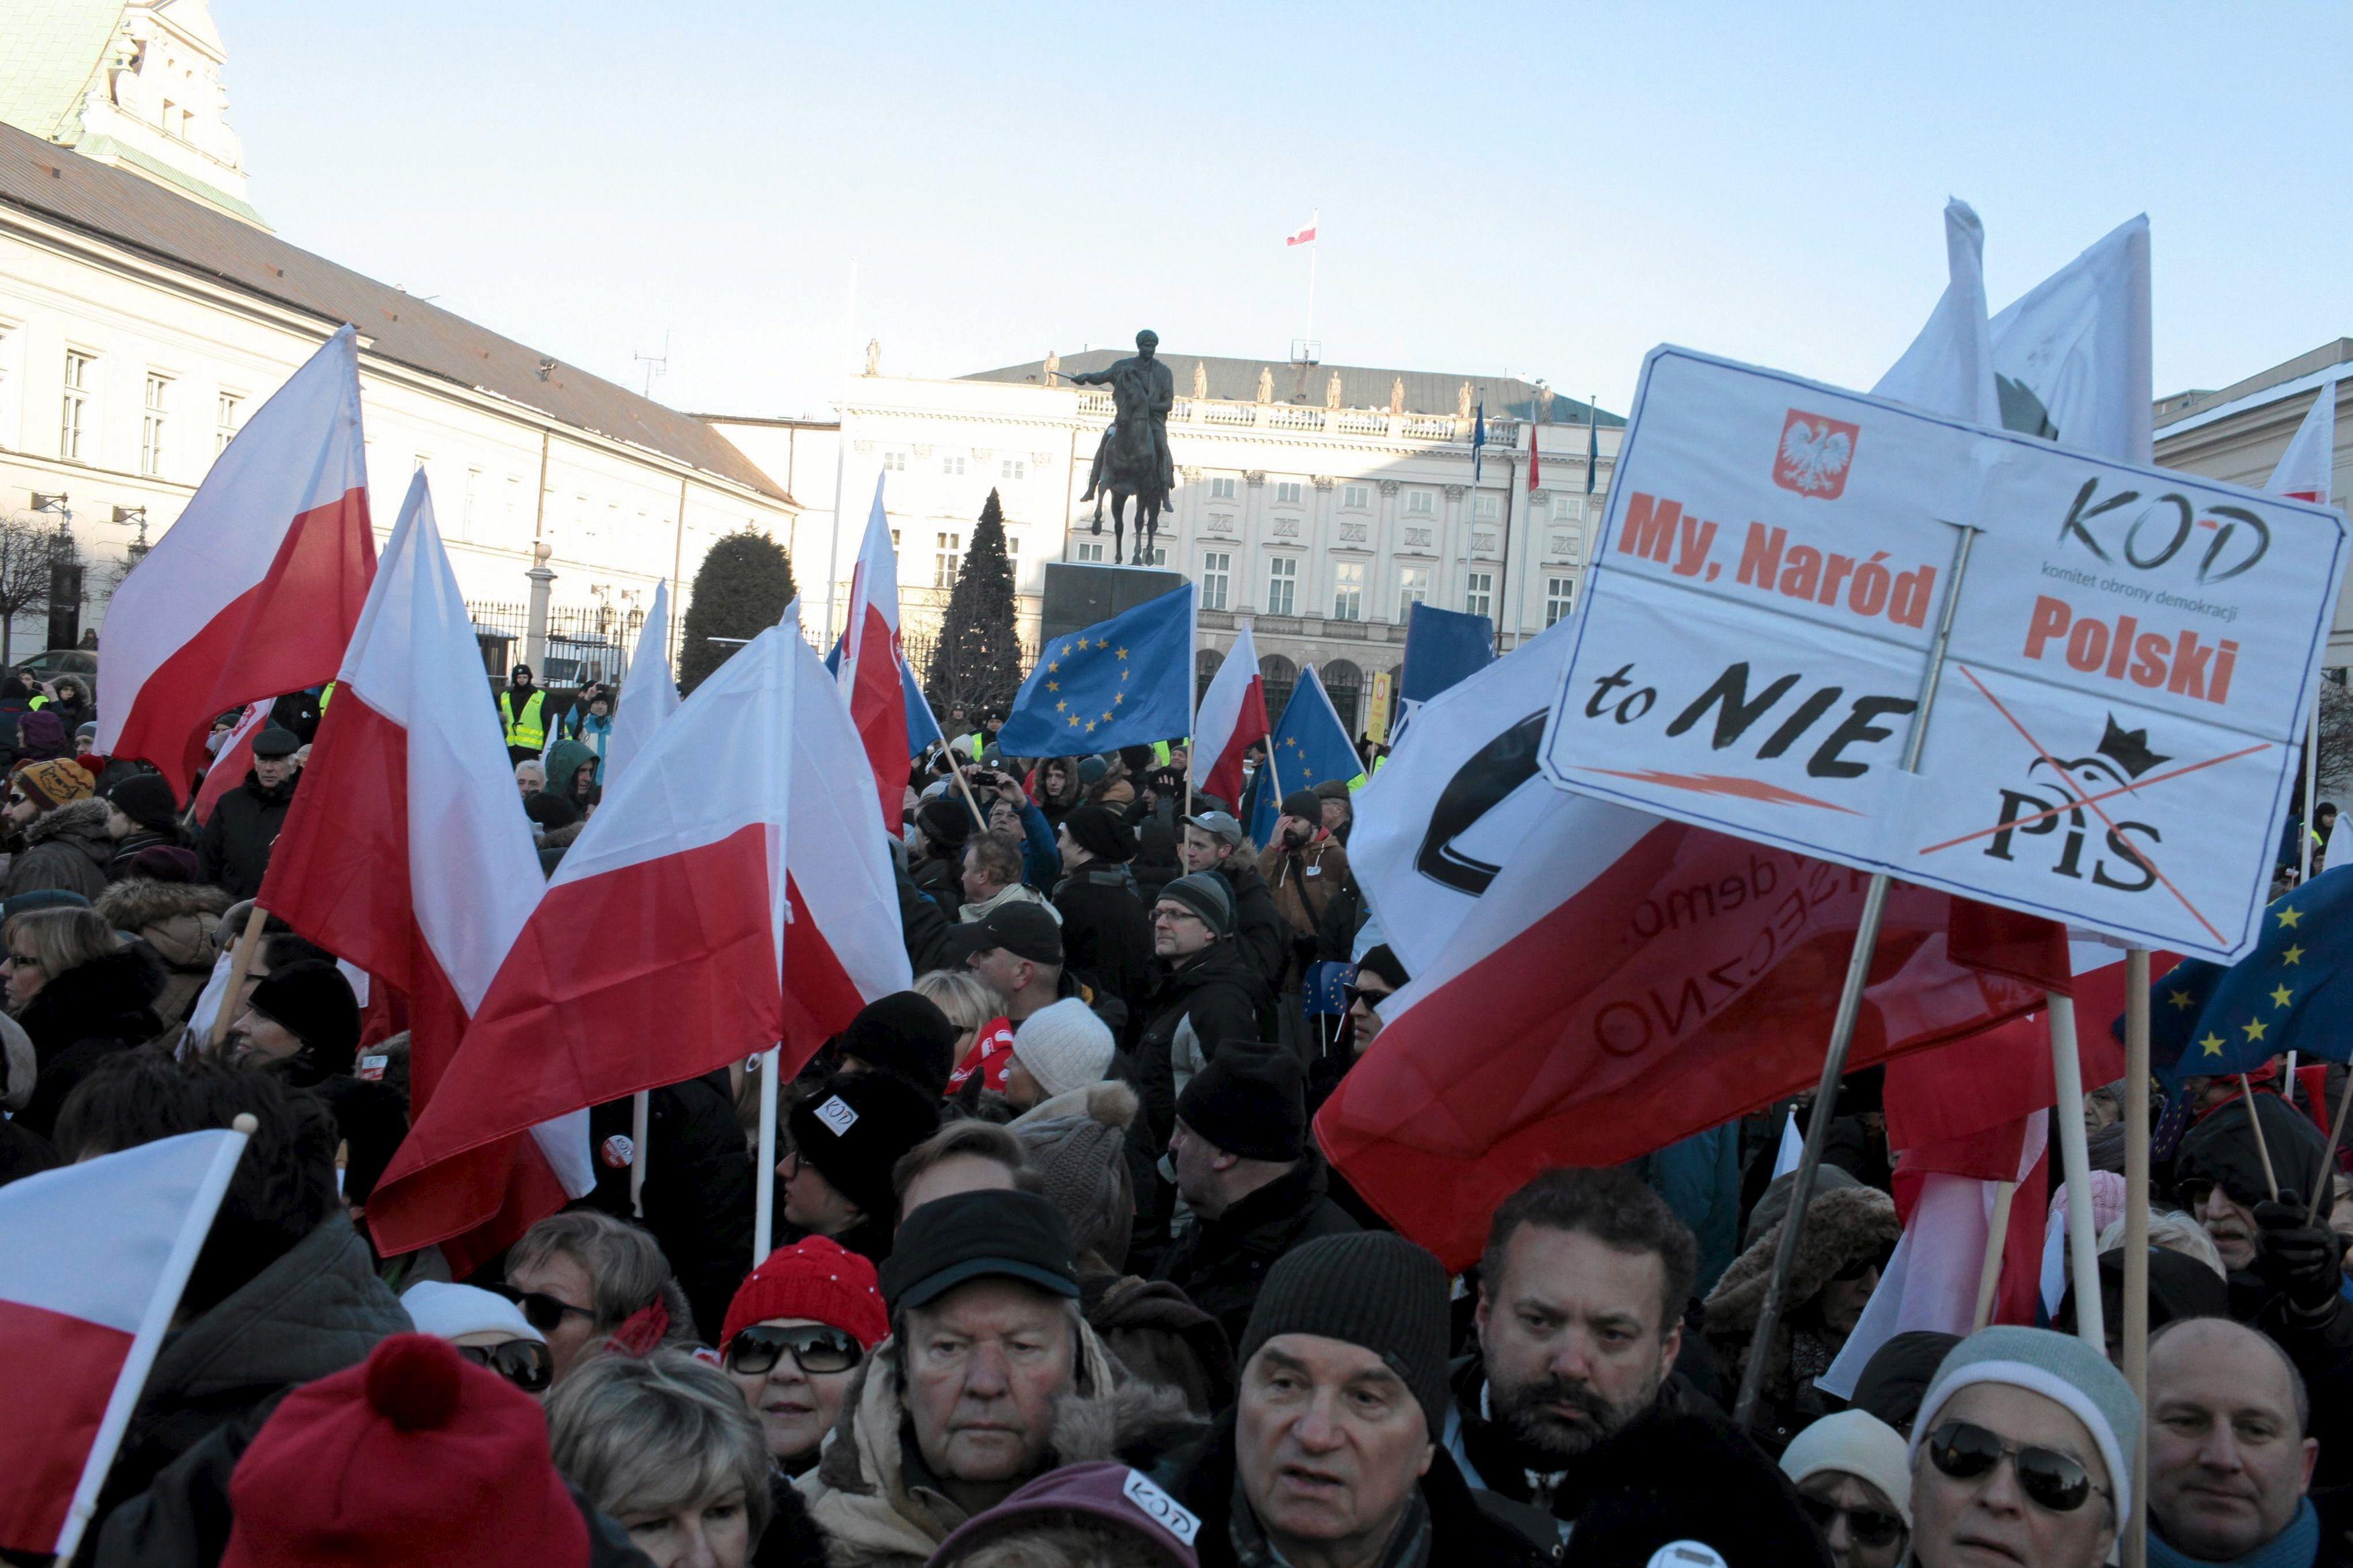 Europe : Hyperindividualisme libéral contre conservatisme chrétien